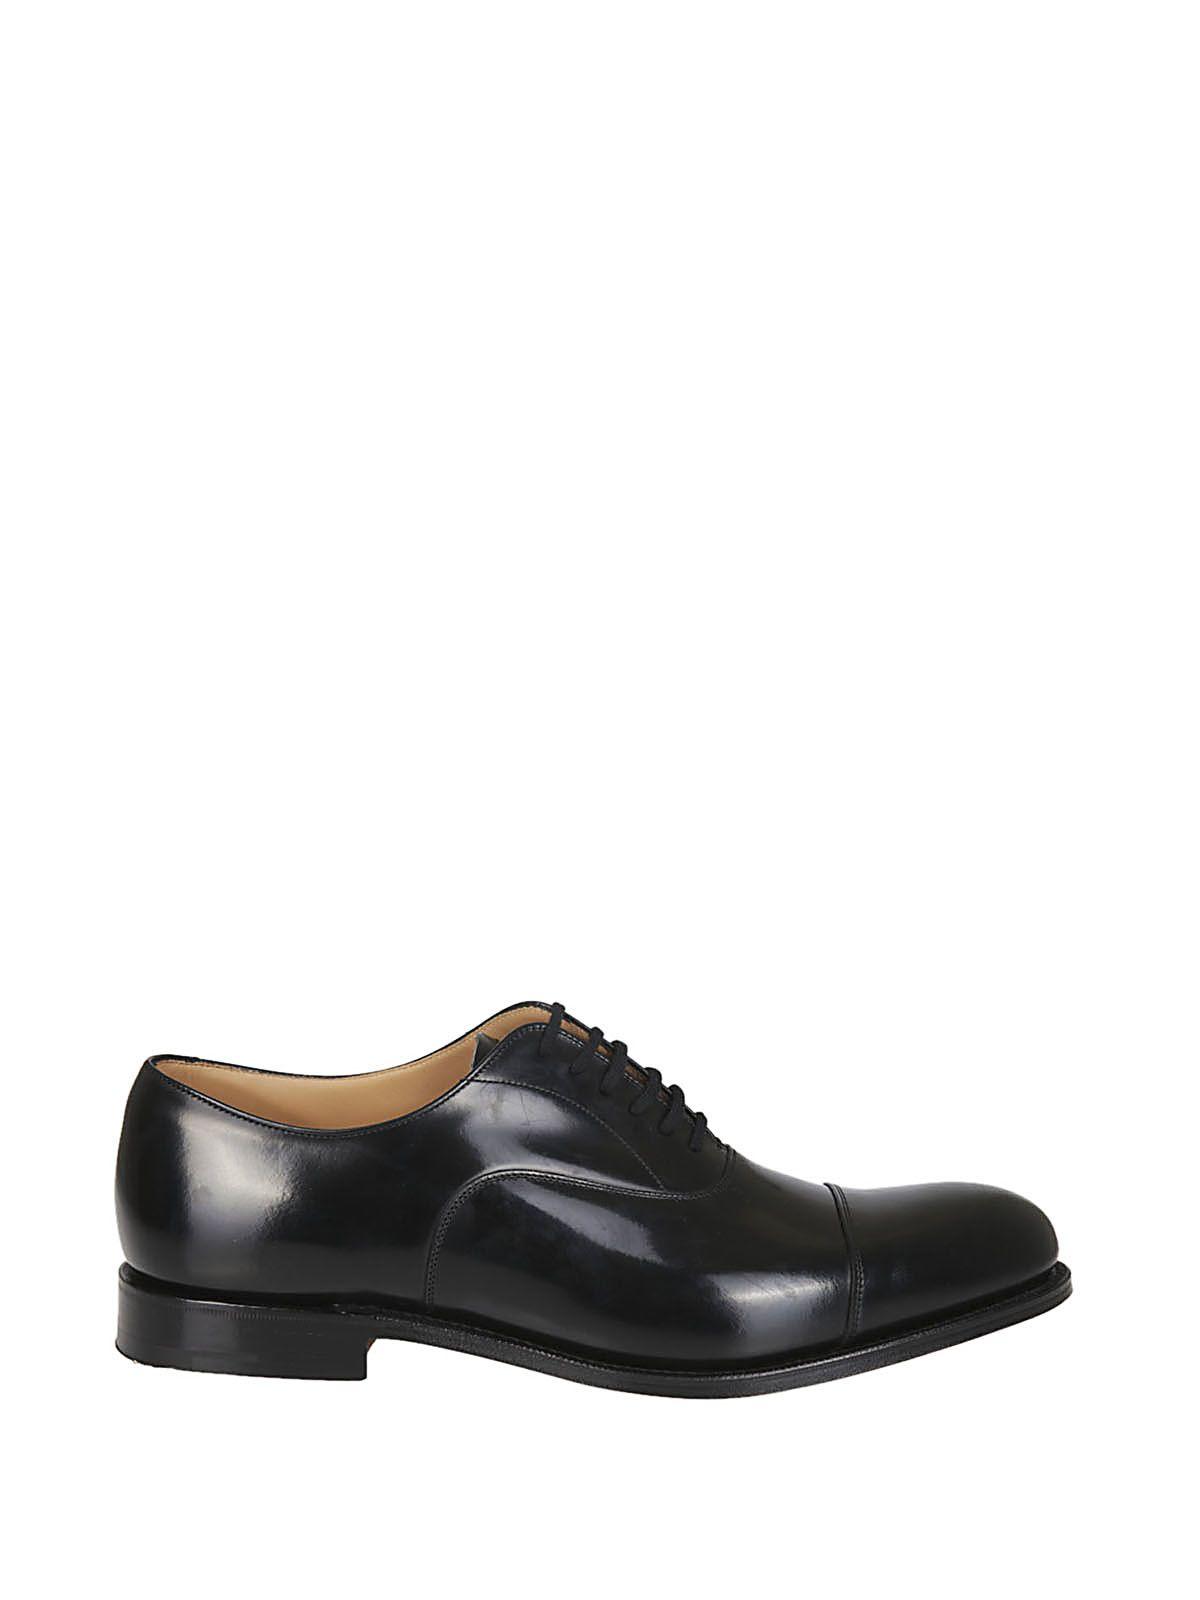 Churchs Dubai Oxford Shoes